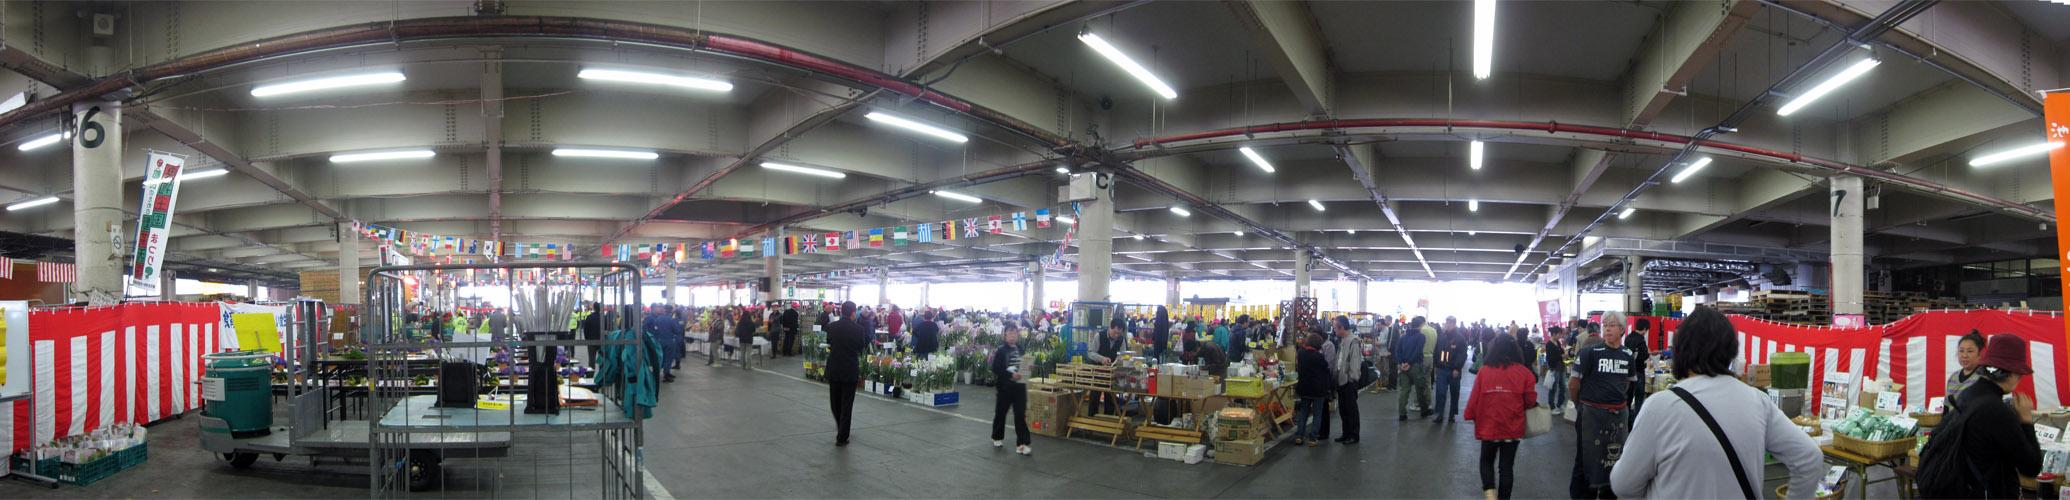 板橋市場:内部